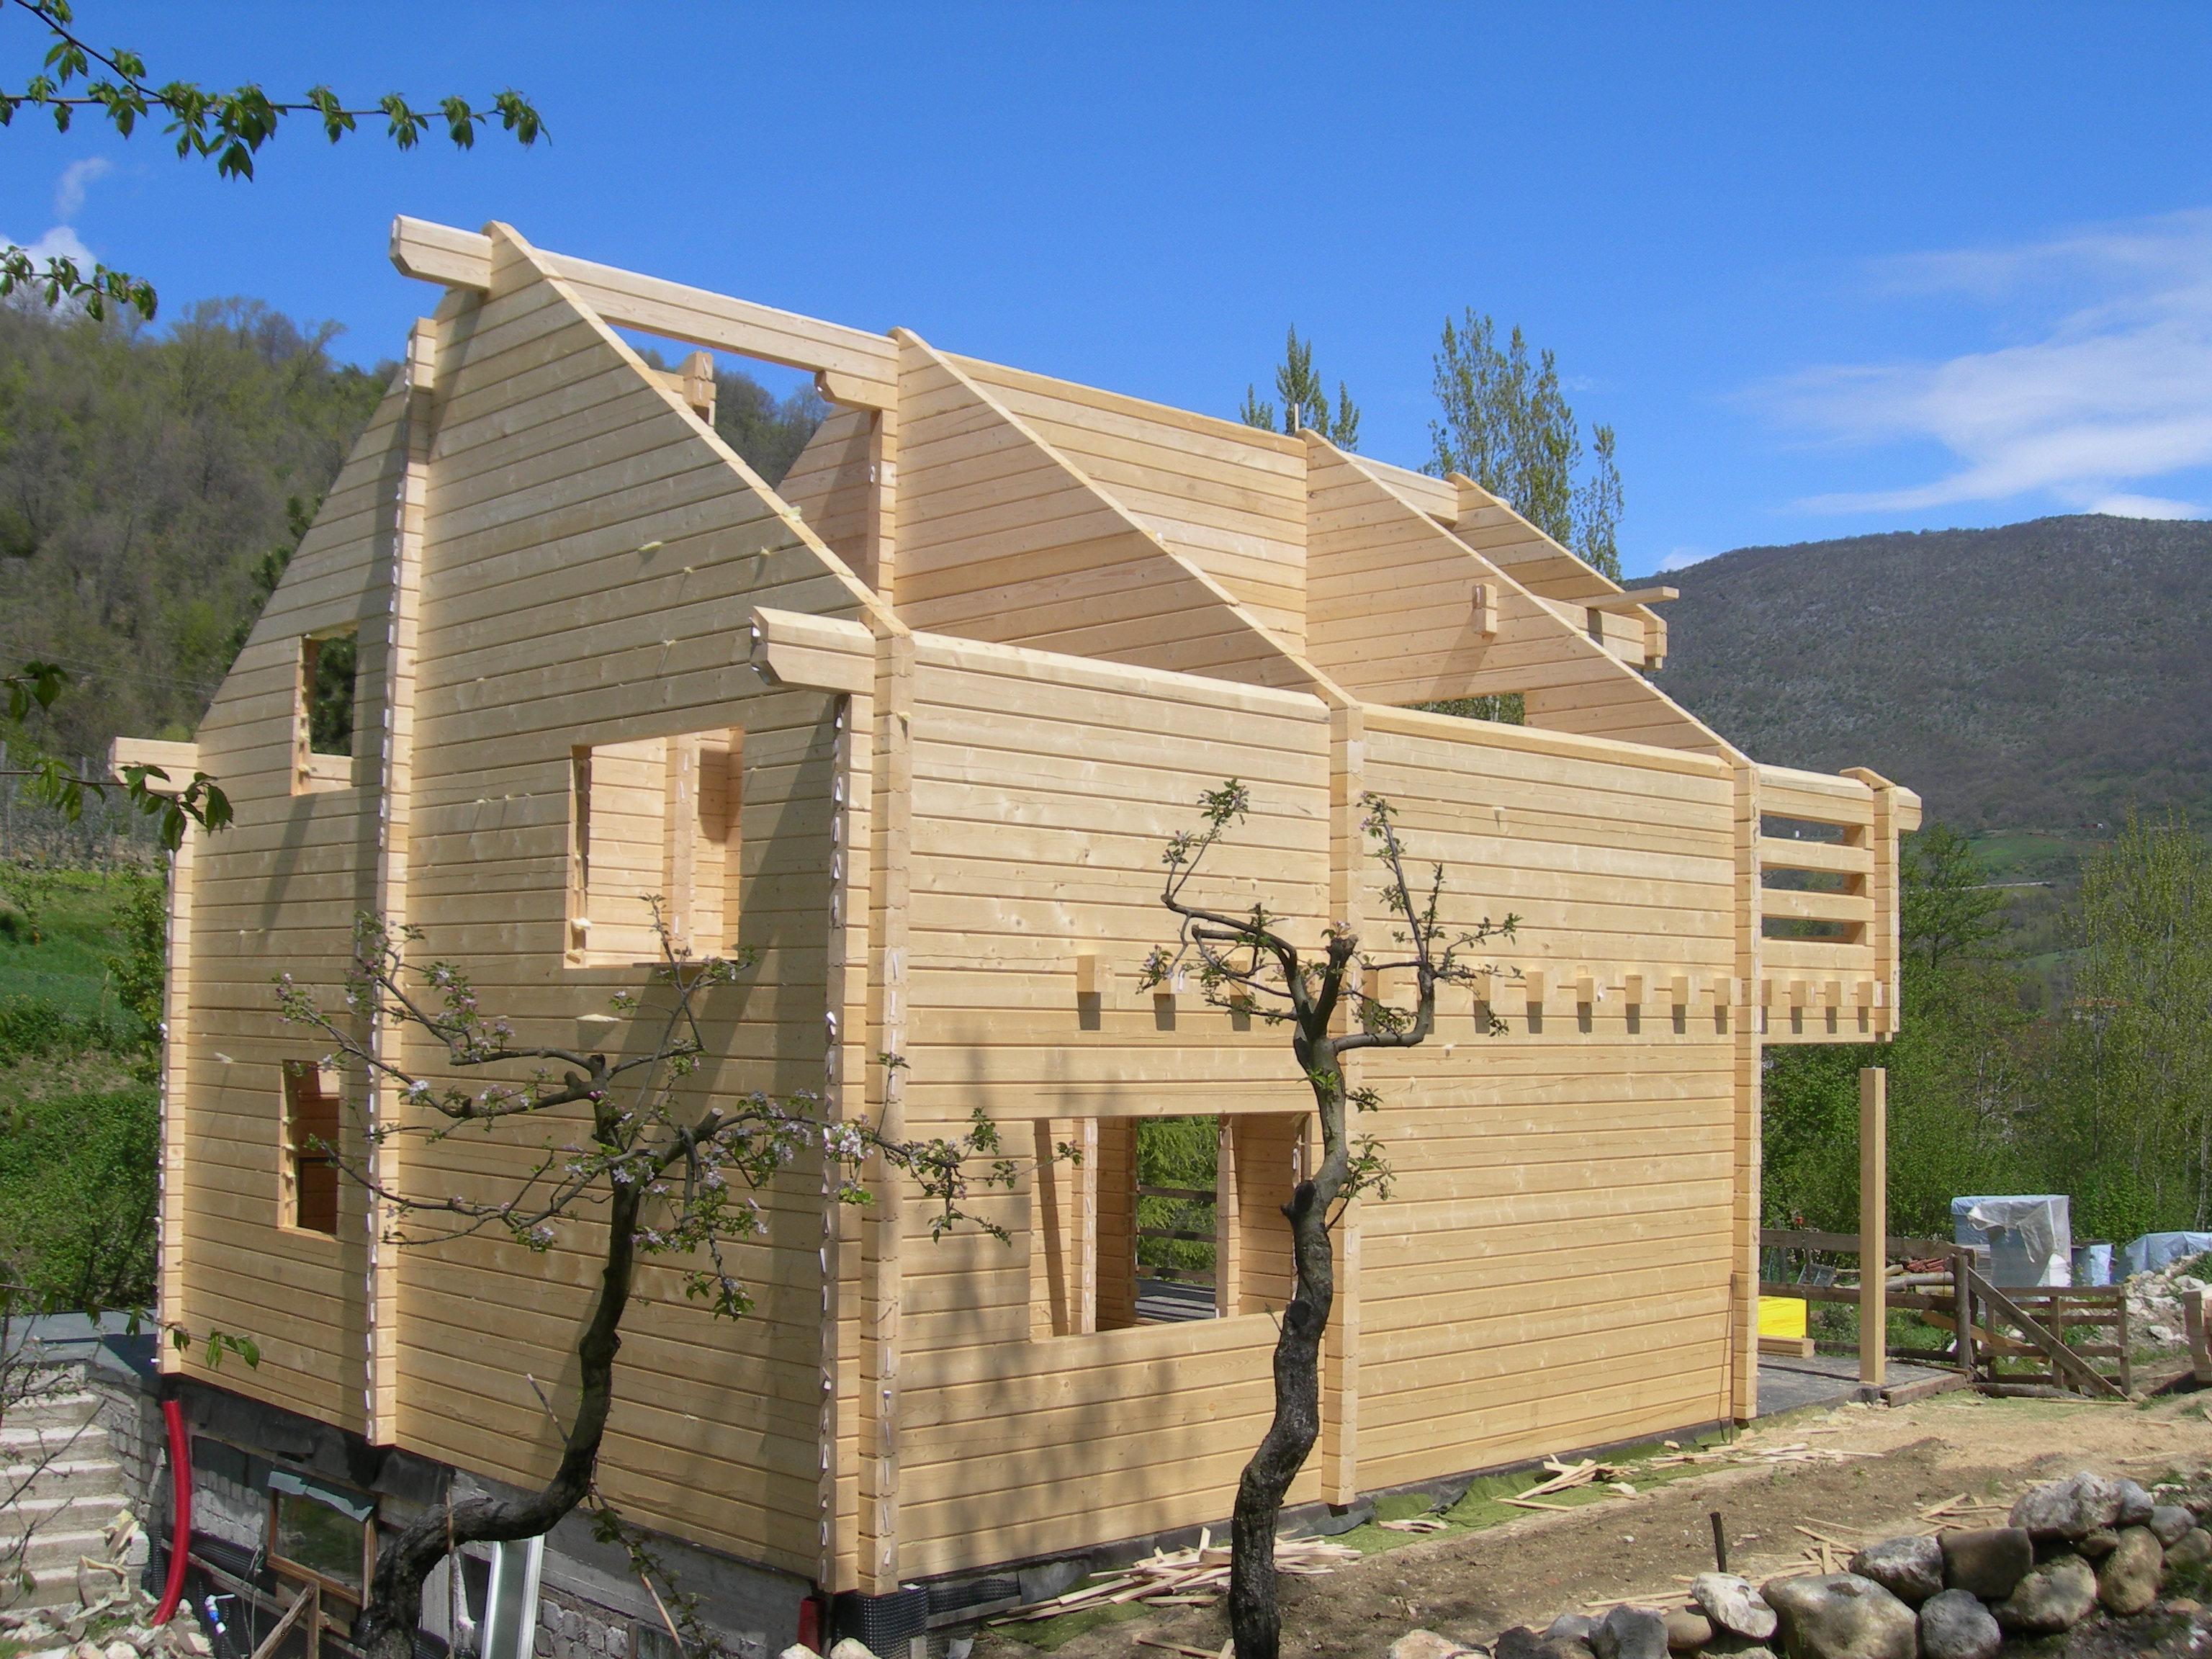 Casa in legno Abruzzo in tronchi squadrati